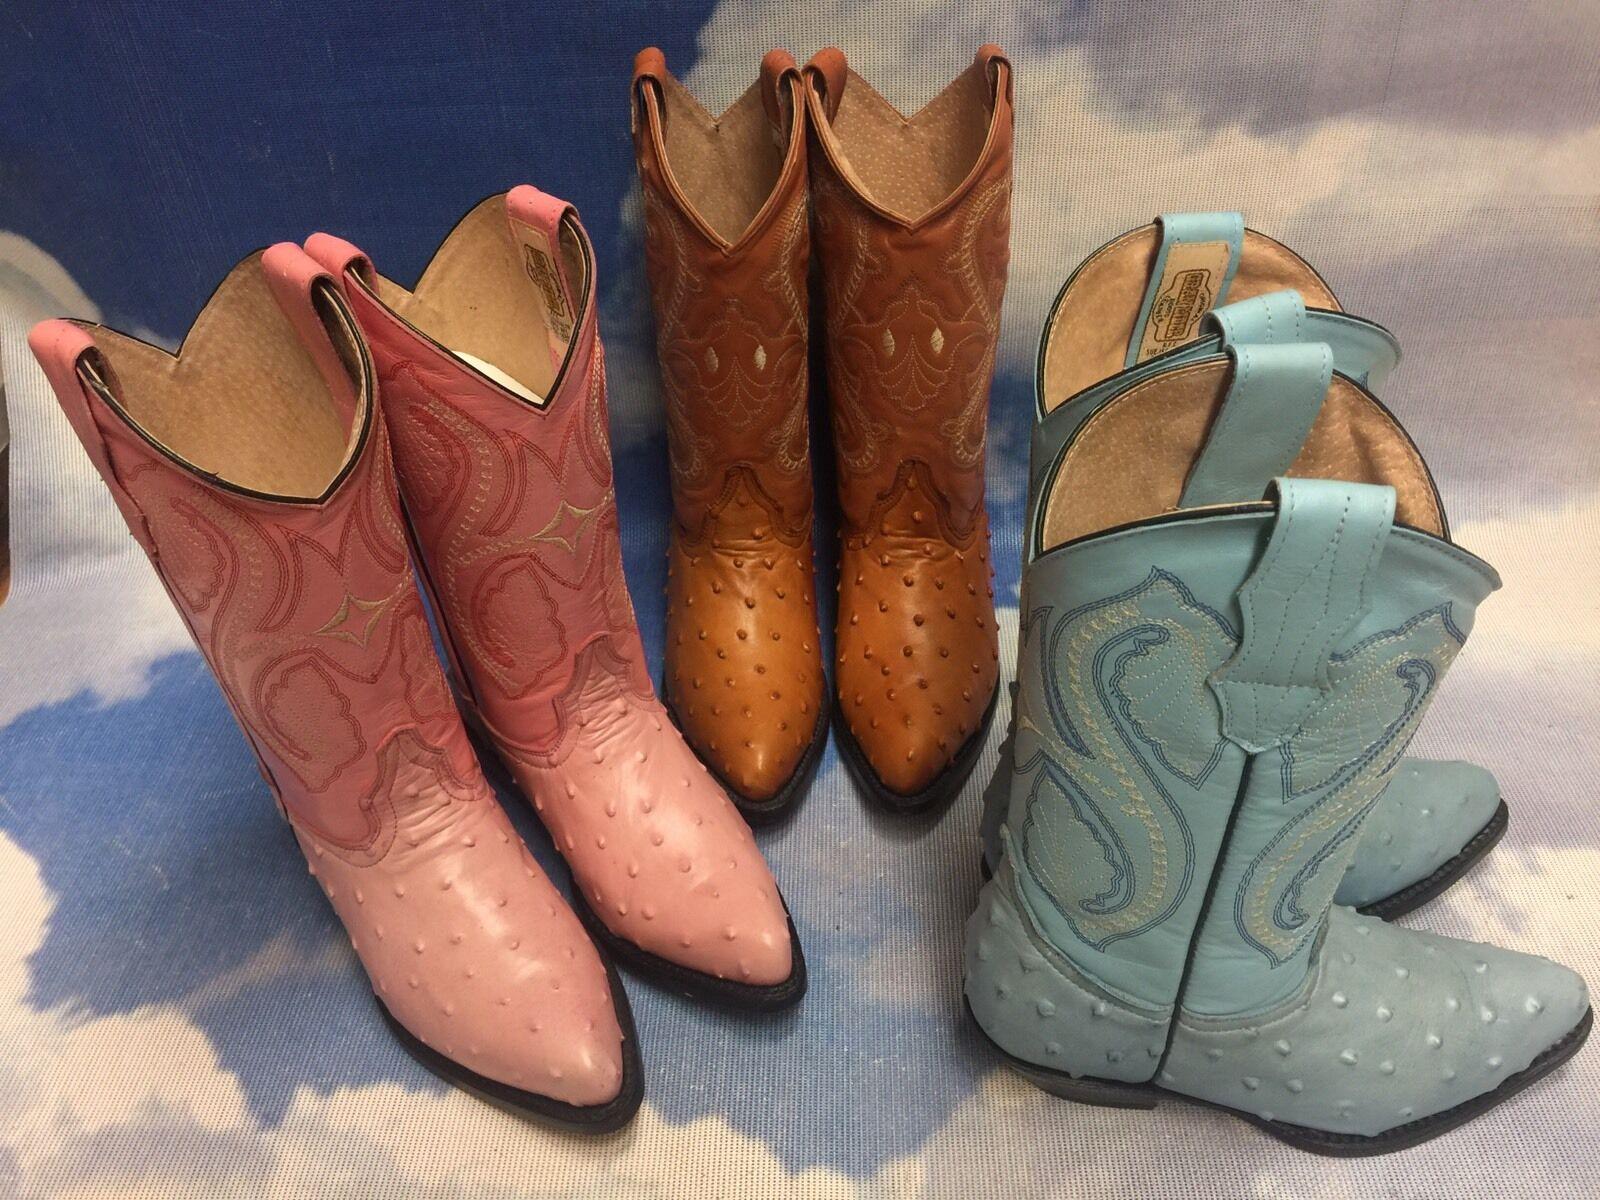 molto popolare Gran Lider Premium Leather Western Western Western stivali Dimensione 22 to 25   US donna Dimensione 6 to 9  Spedizione gratuita per tutti gli ordini